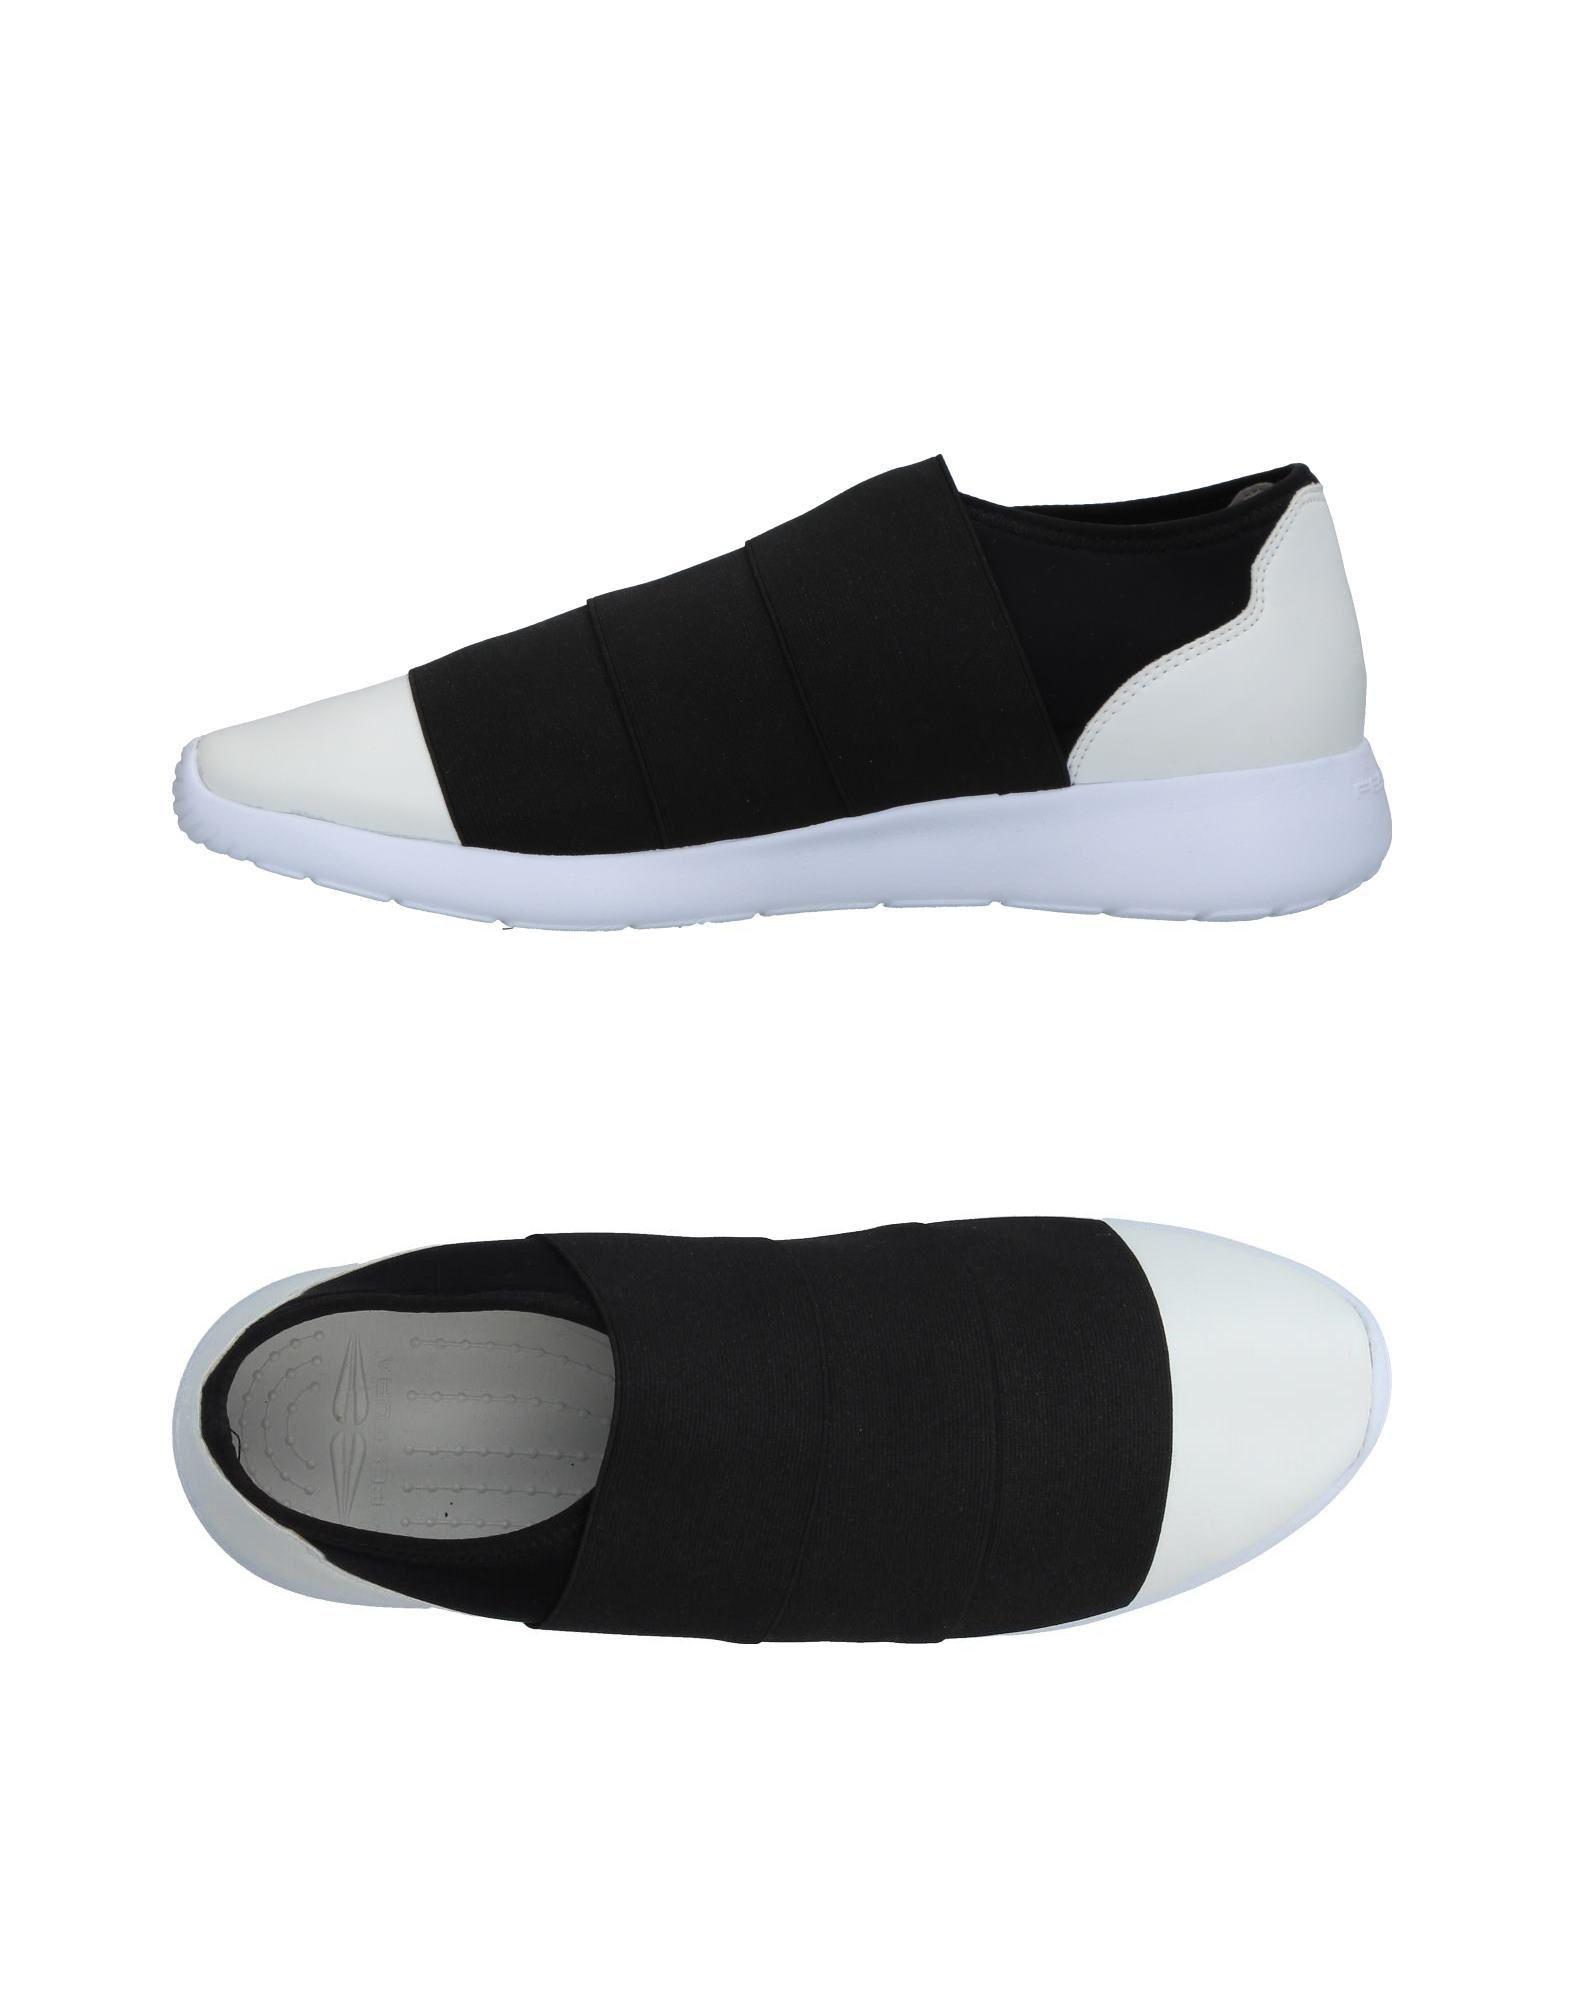 Sneakers Fes Jaune clair Mode pas cher et belle